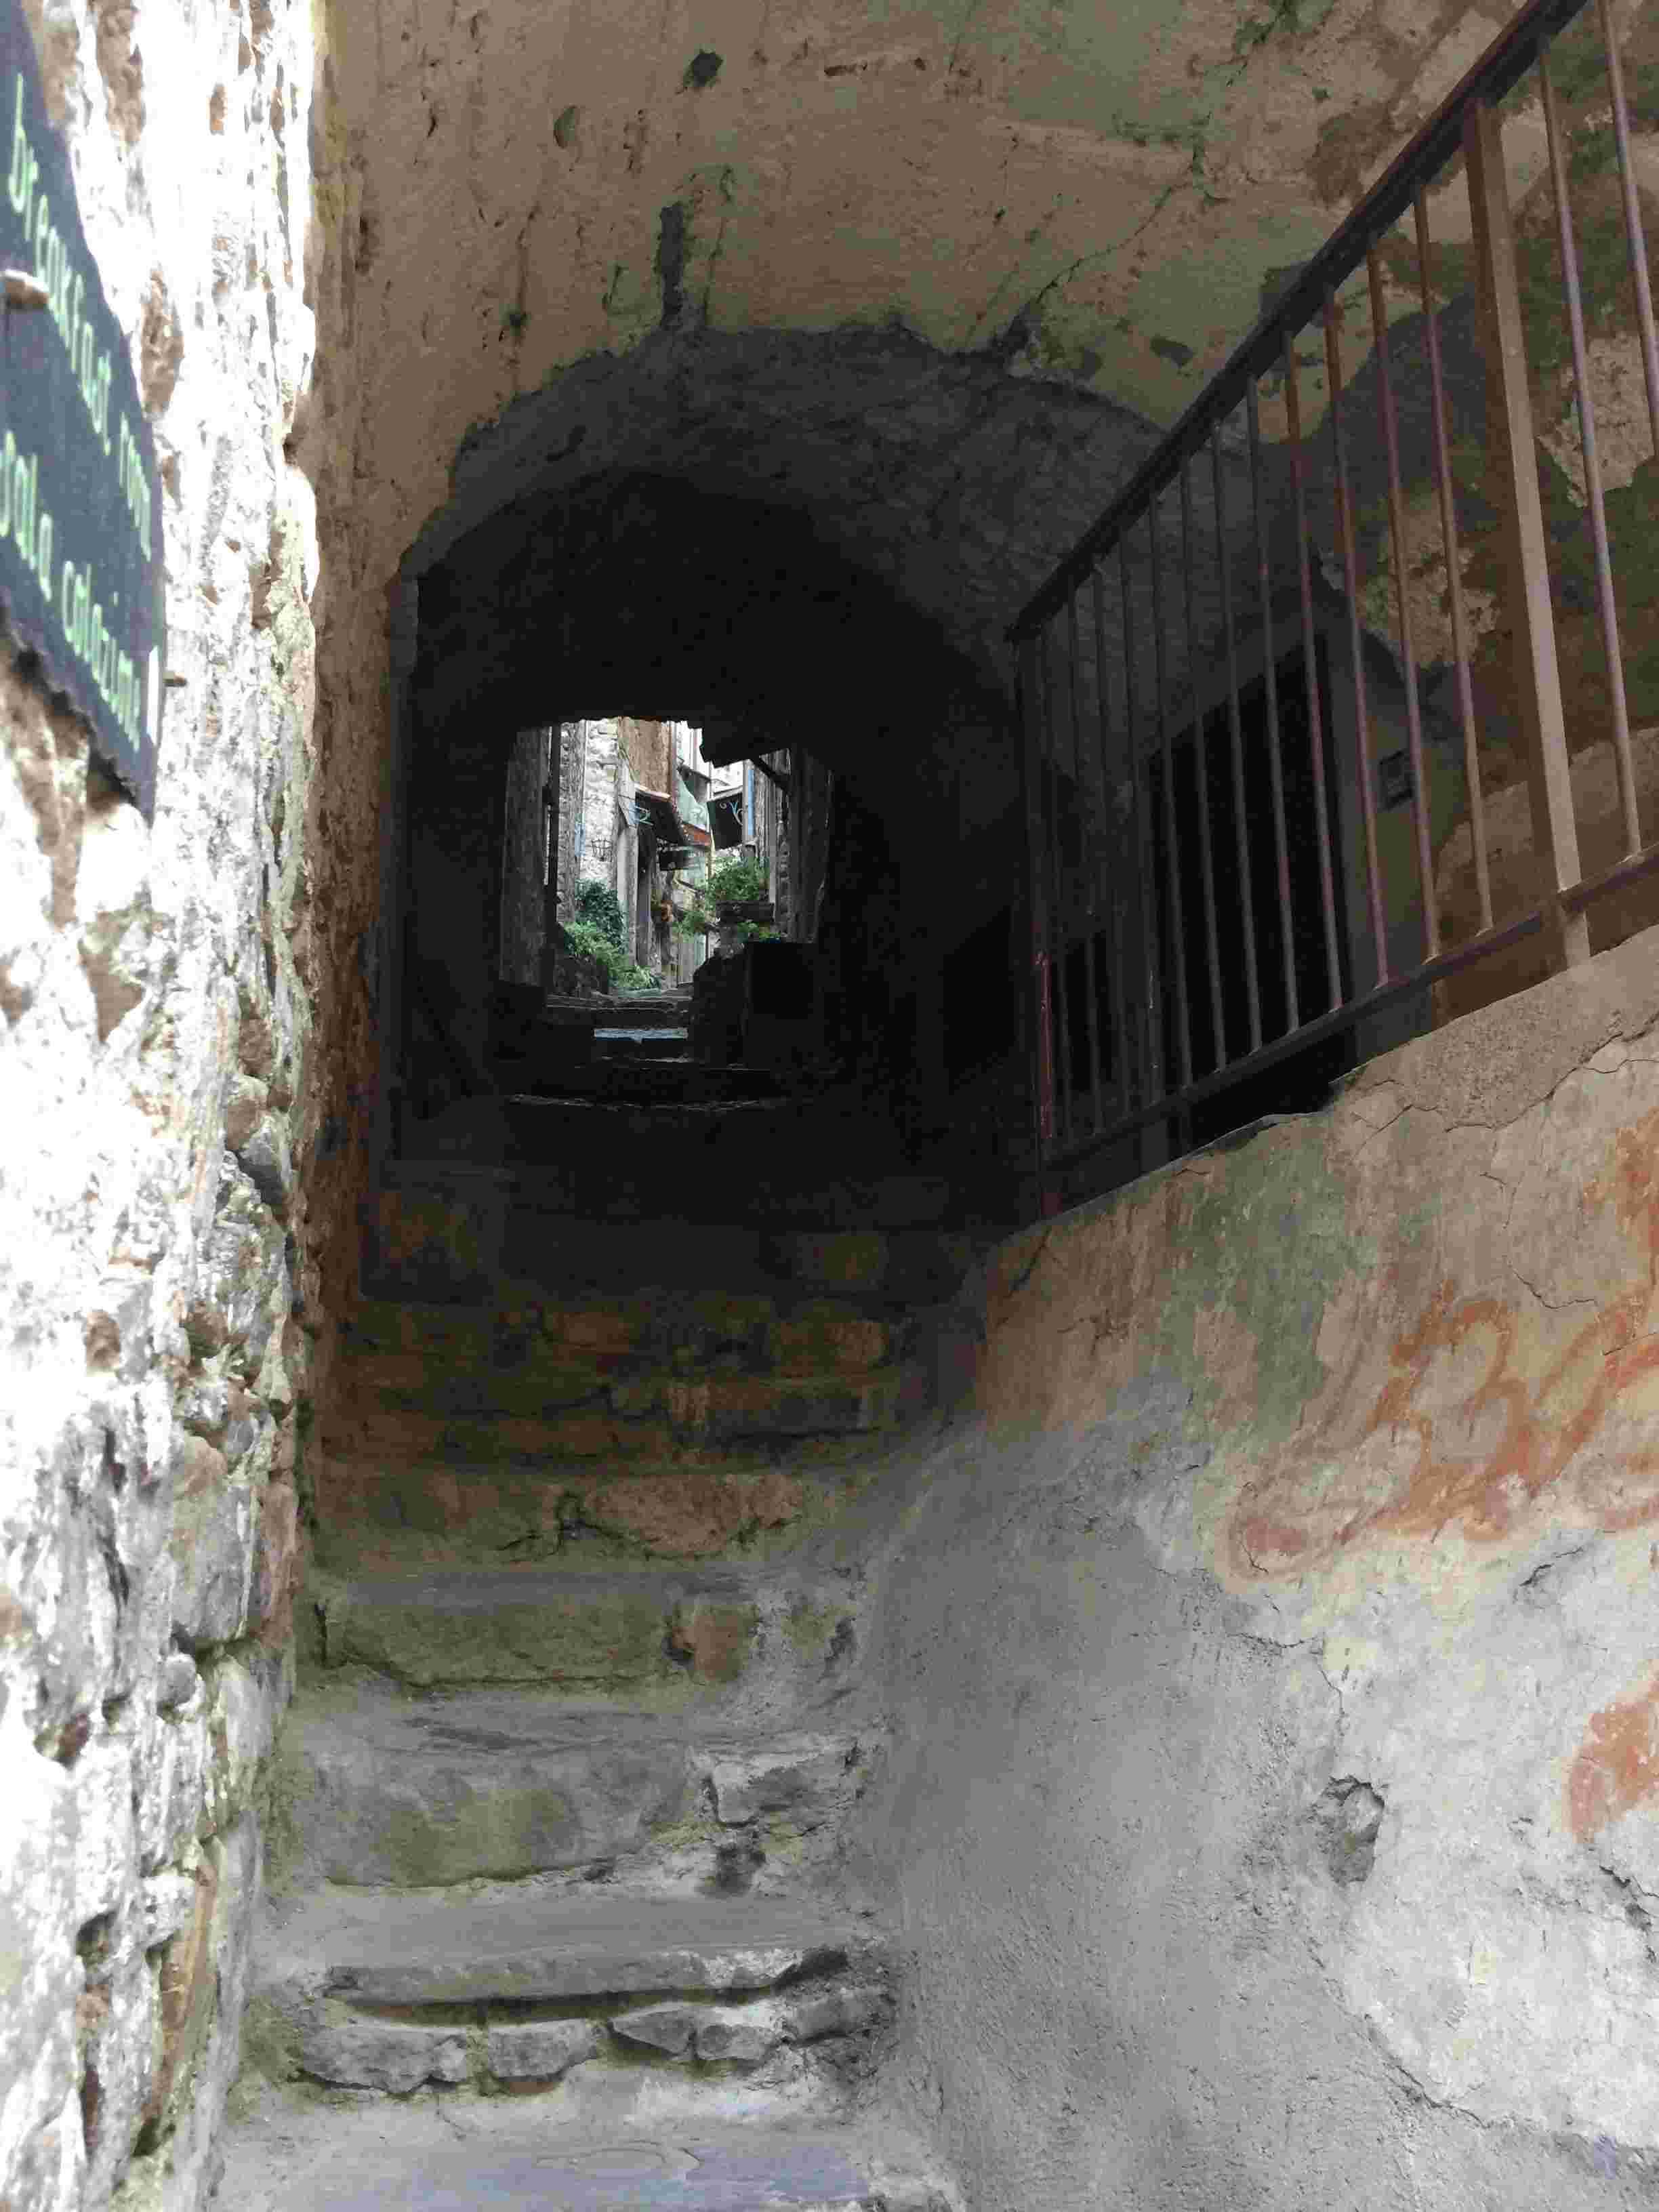 Apricale, le plus beau village d'Italie Aprica18